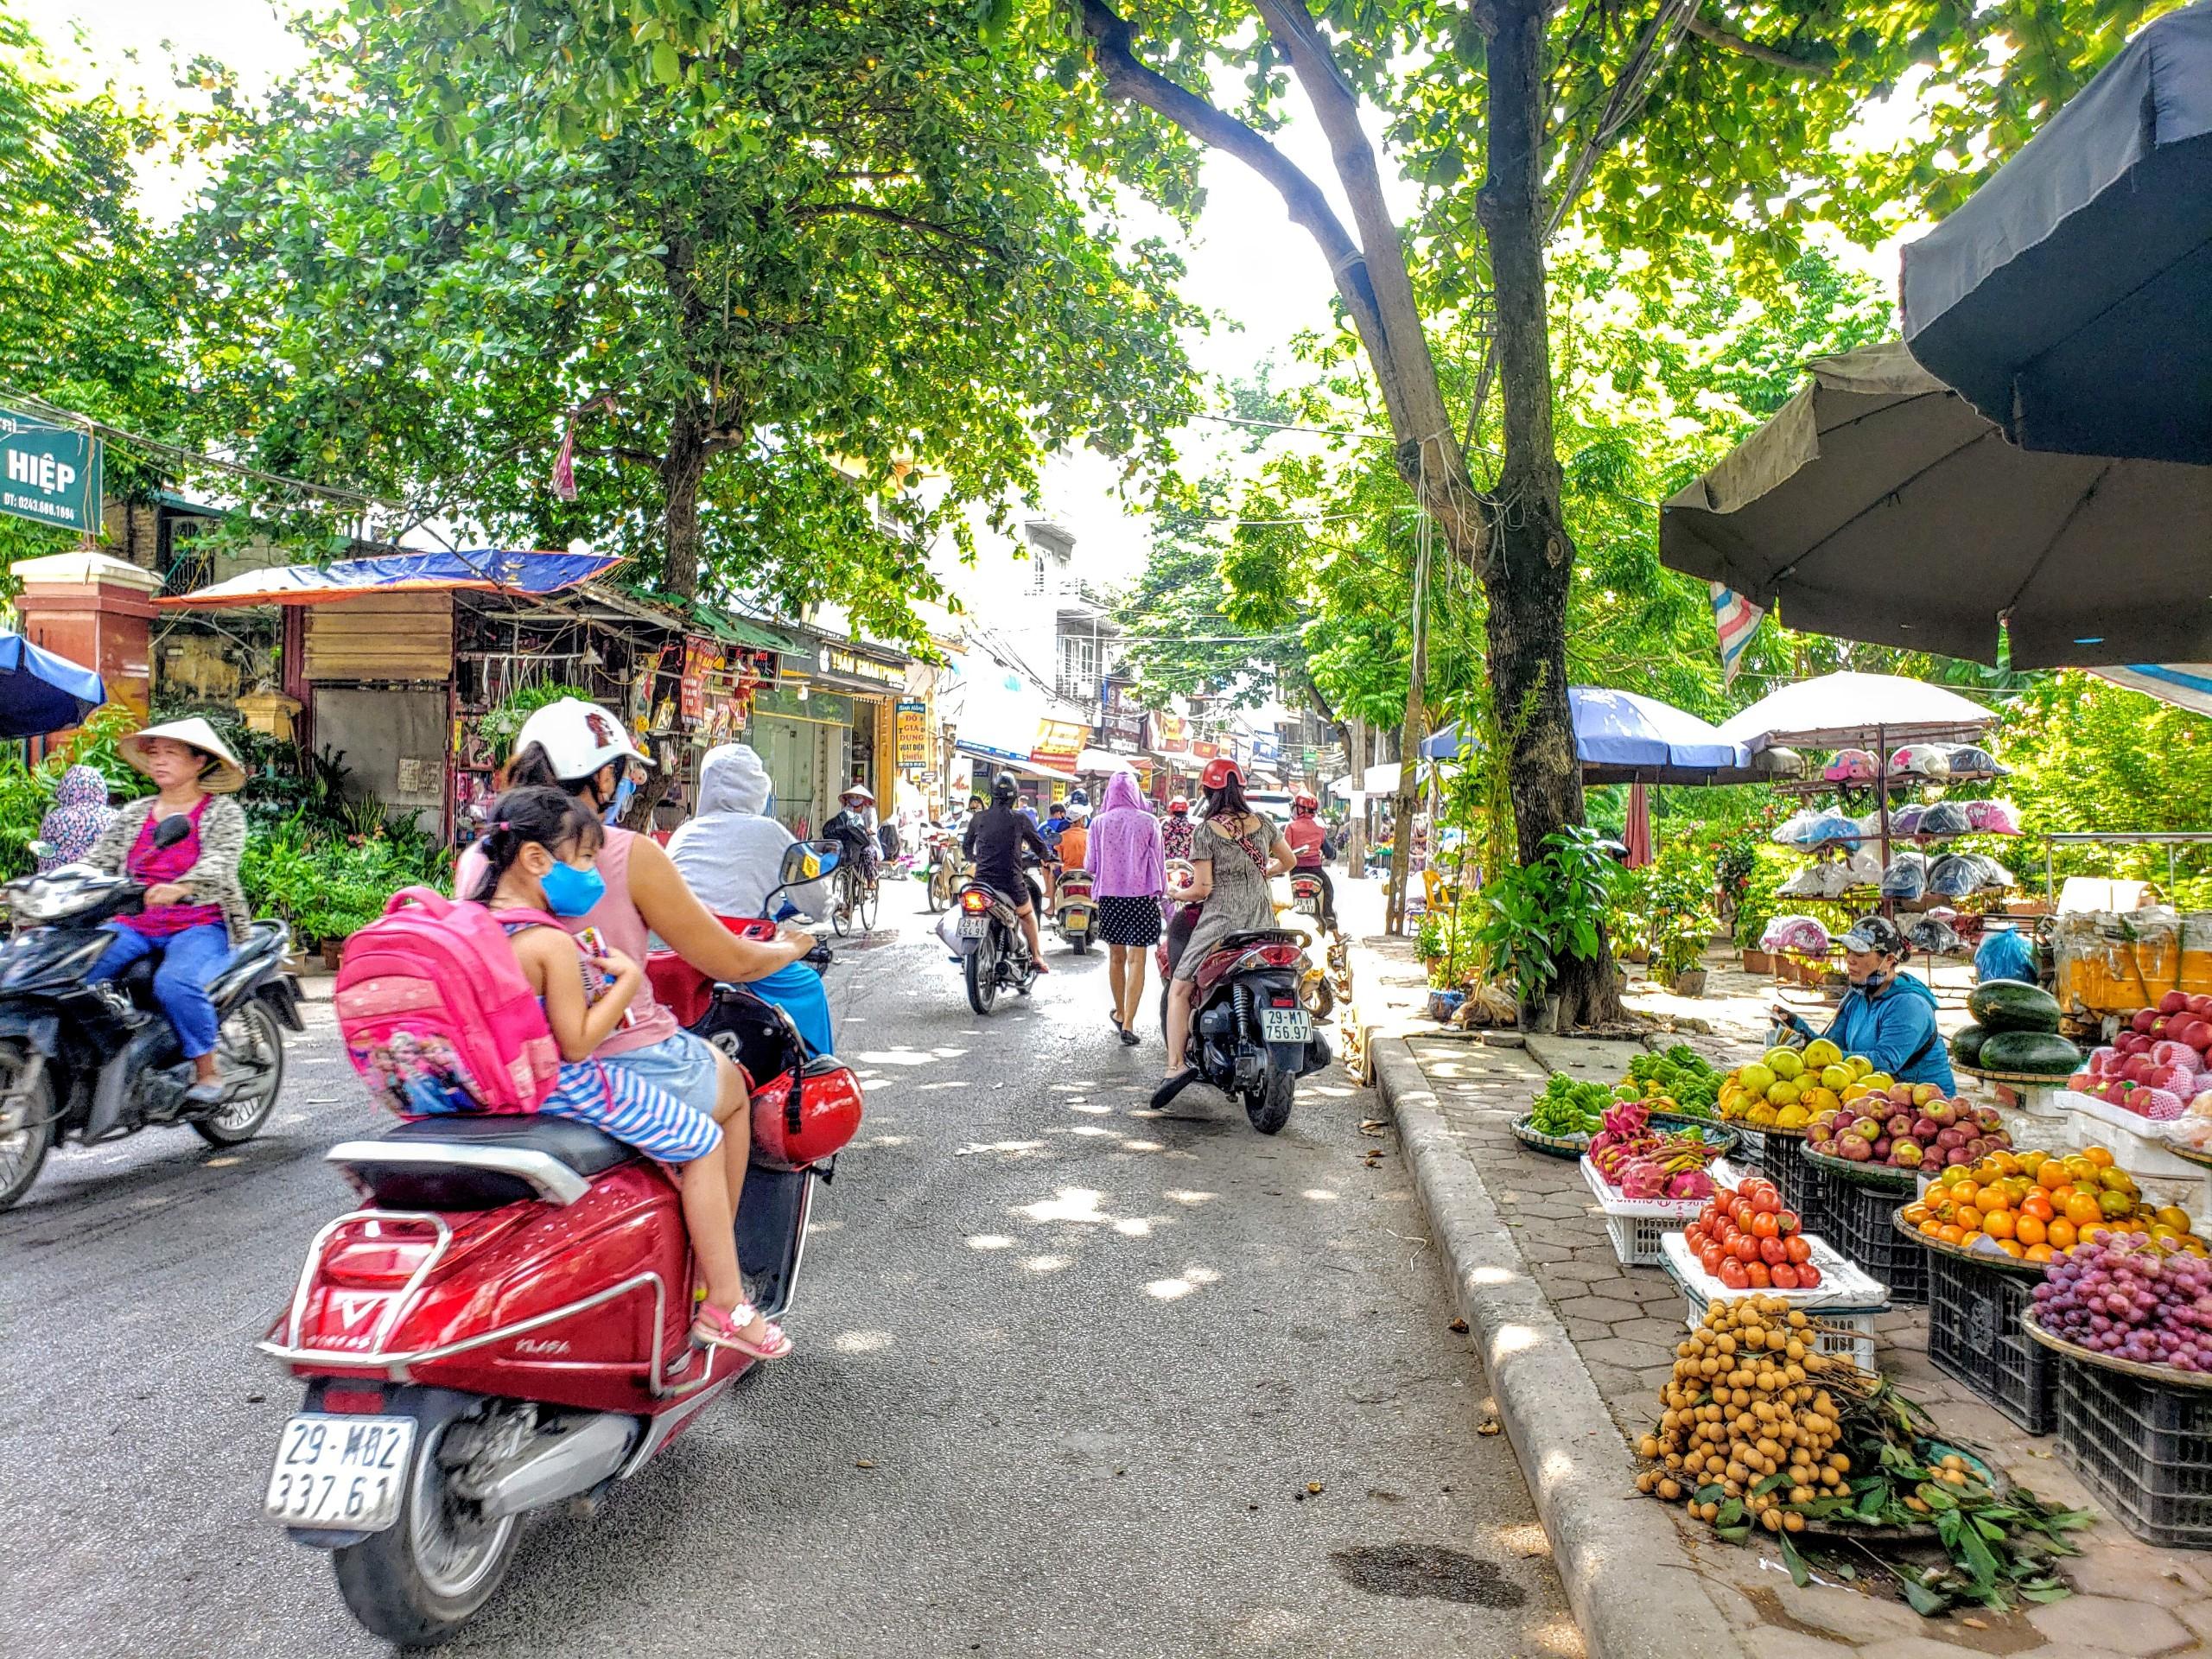 Cần bán Nhà mặt tiền đường Nguyễn Sơn, Phường Bồ Đề, Diện tích 85m², Giá 16.8 Tỷ - LH: 0984142941